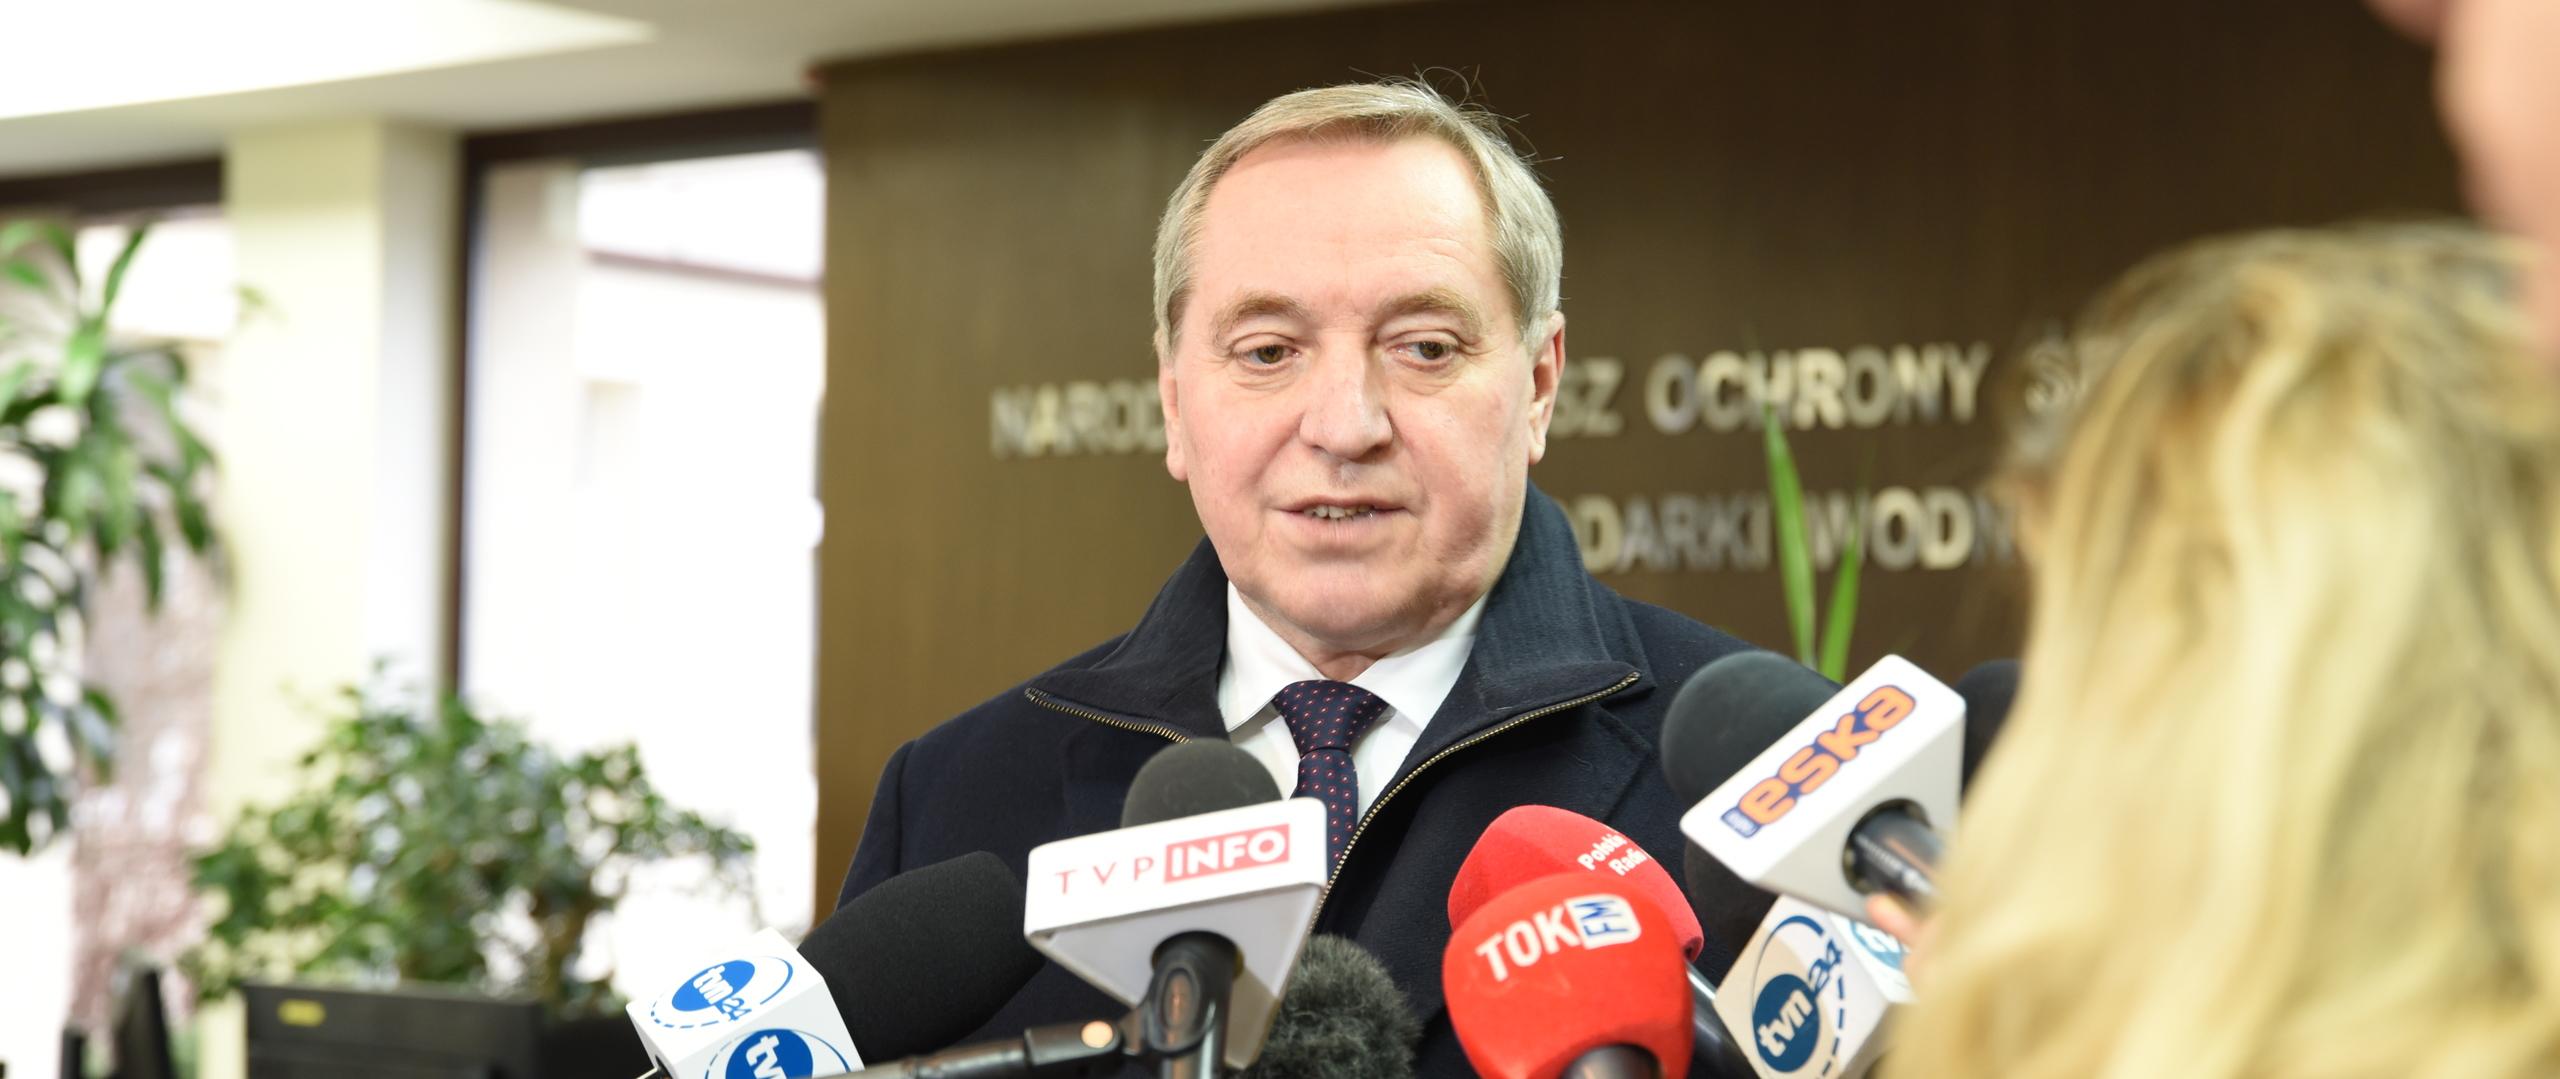 Prezes Zarządu NFOŚiGW złożył rezygnację